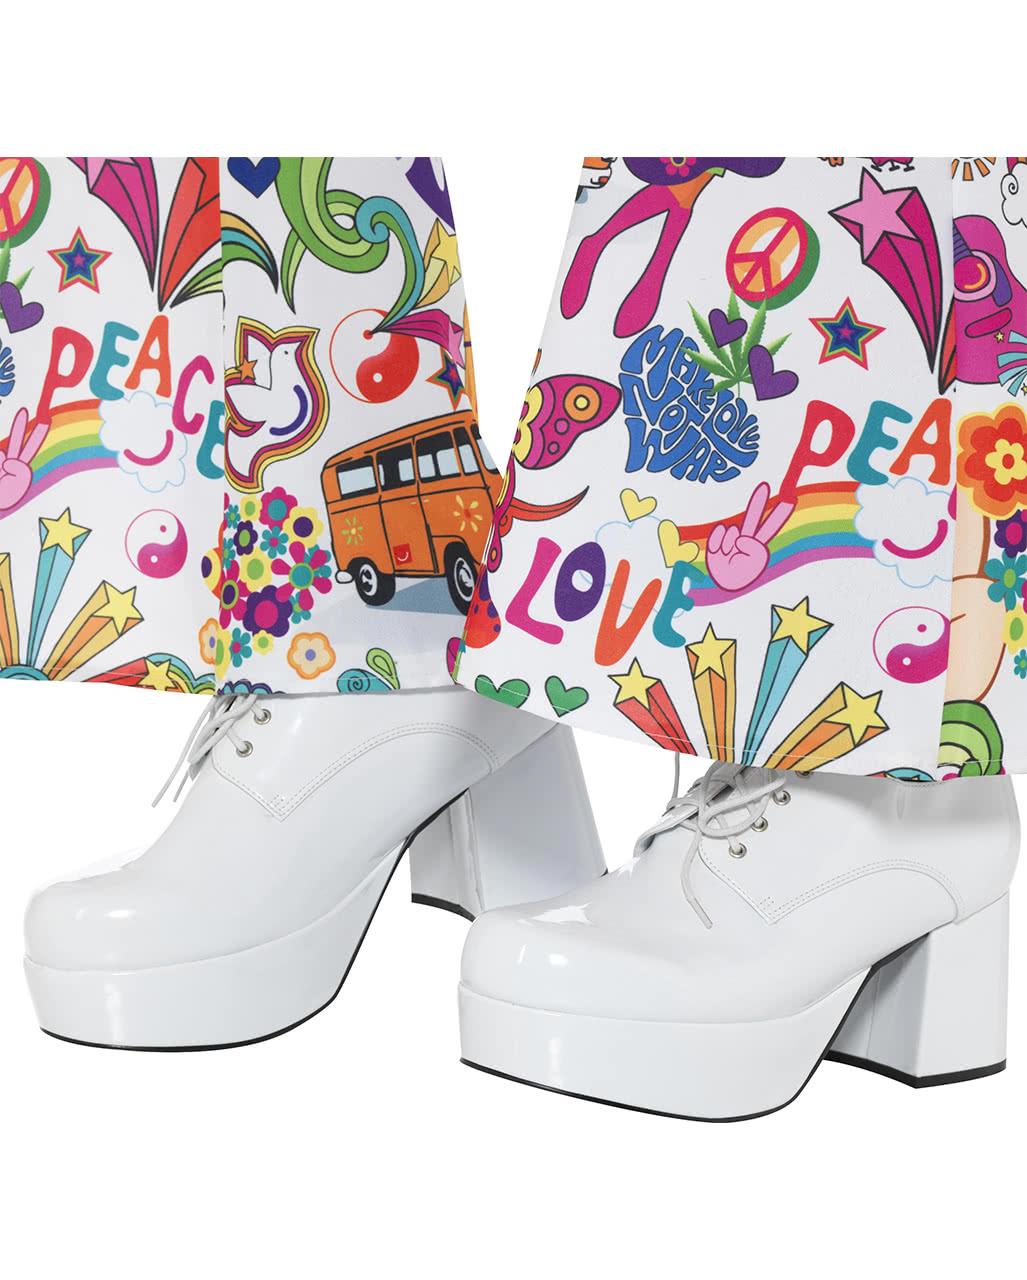 2e596465e259 Men disco platform shoes white to order